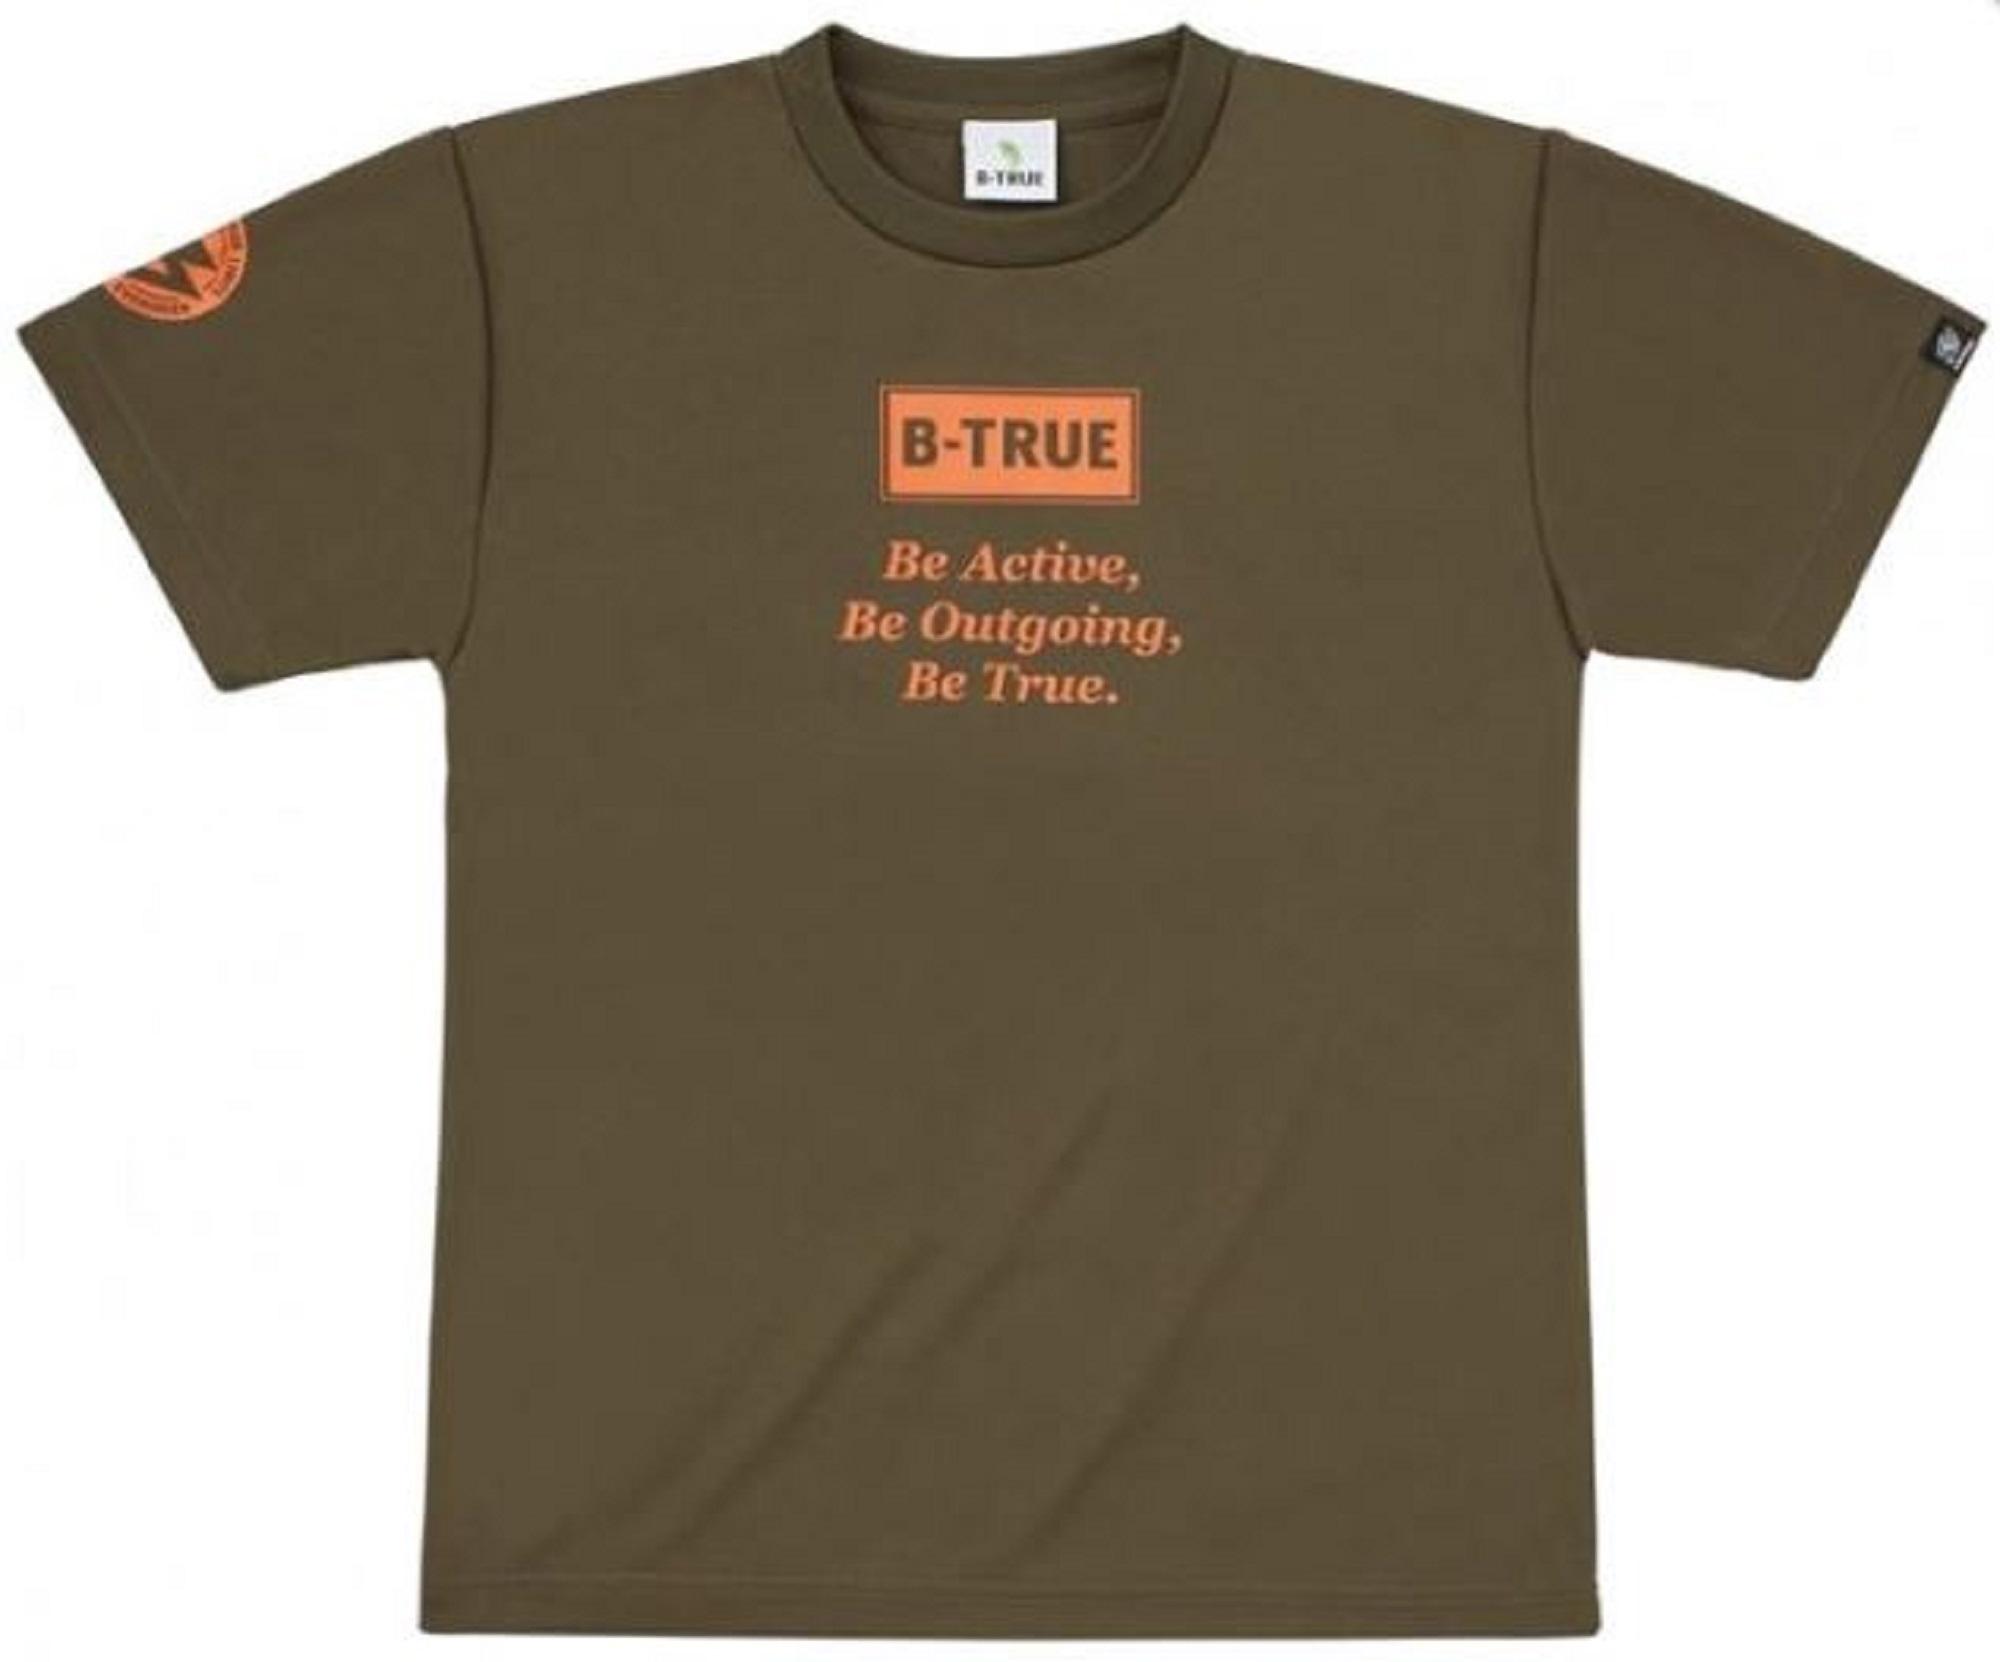 Evergreen T-Shirt Dry Fit Short Sleeve B-True D Type Size XL Green (4906)